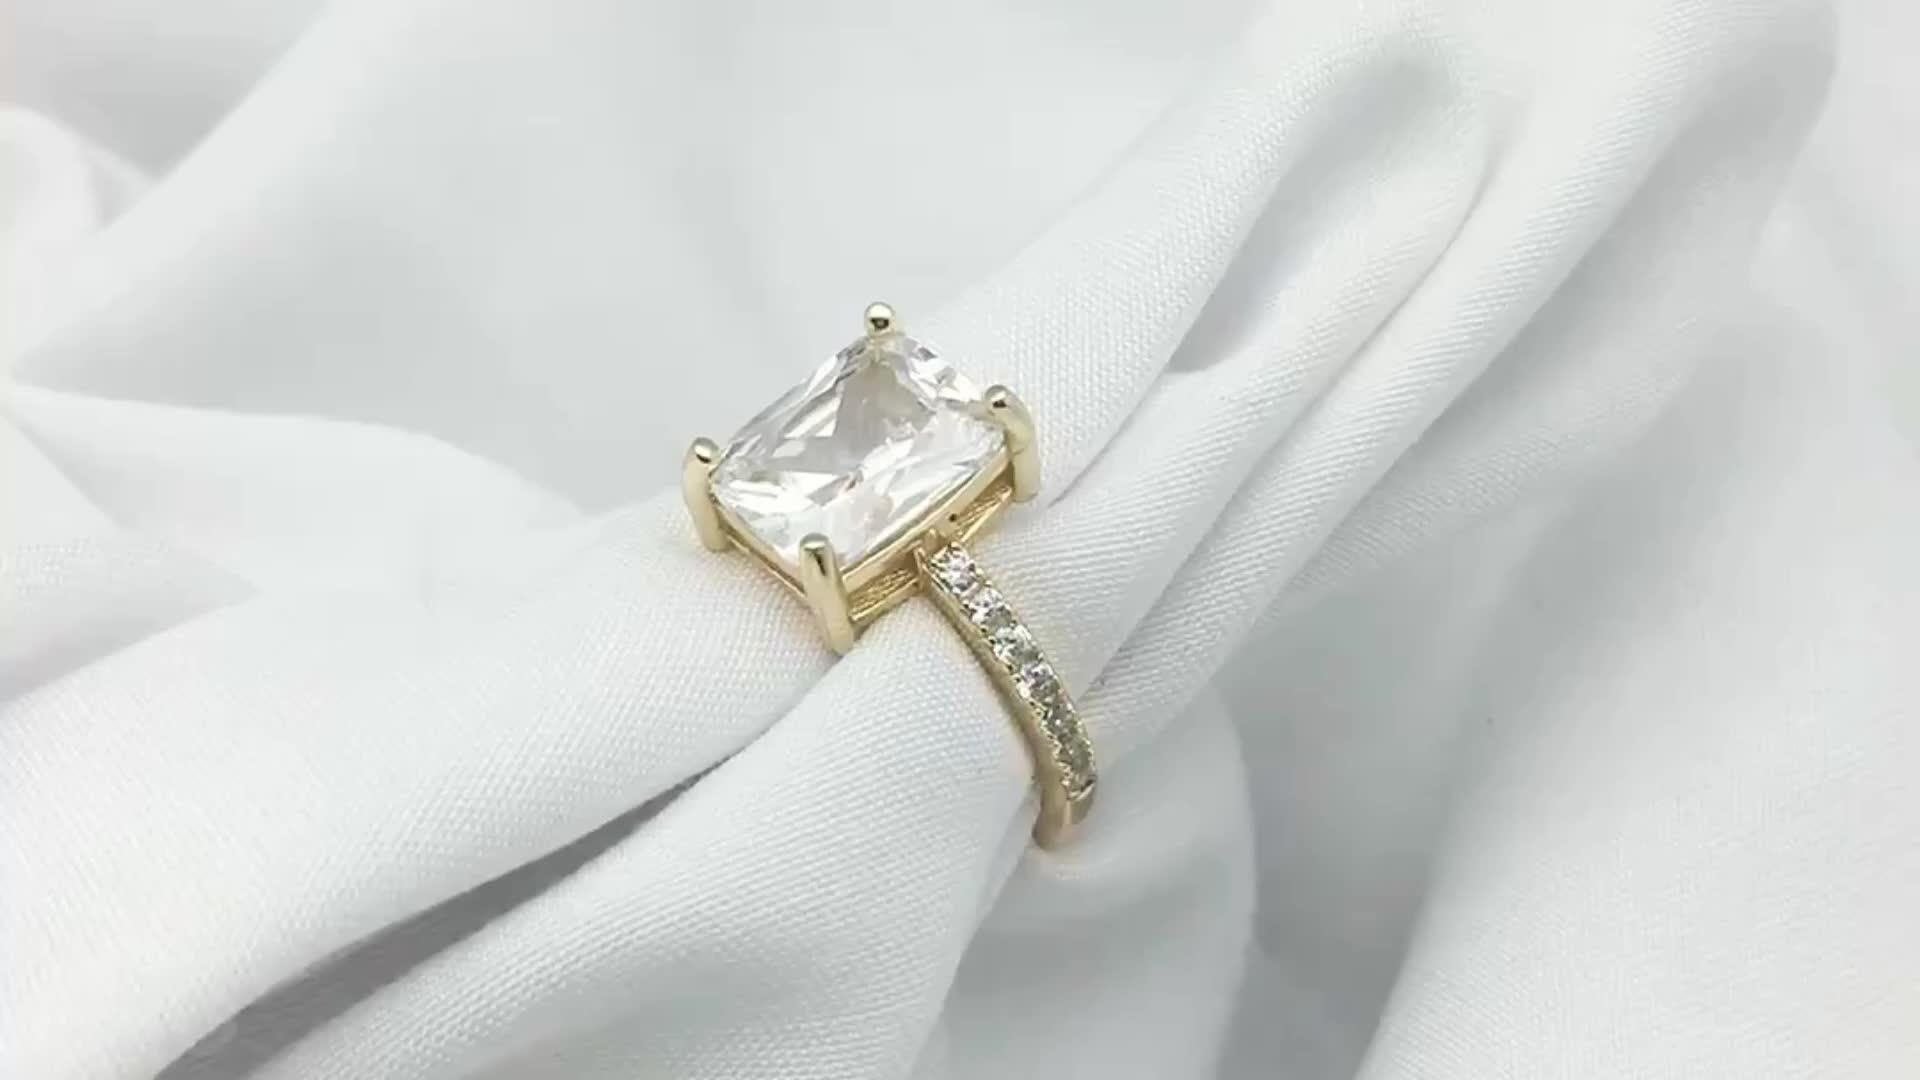 암 Jewelry 큰 방사 Cubic 지르코니아 웨딩 약혼 rings